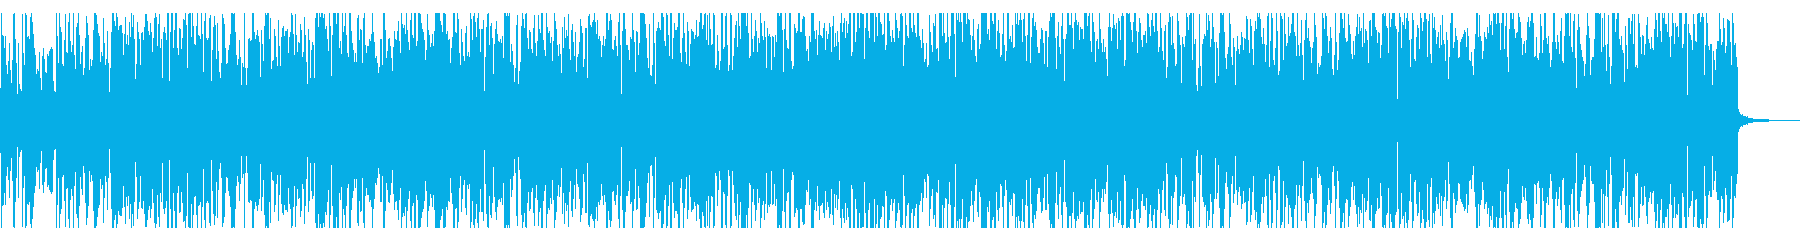 リコーダーがかわいいほのぼの 日常 配信の再生済みの波形